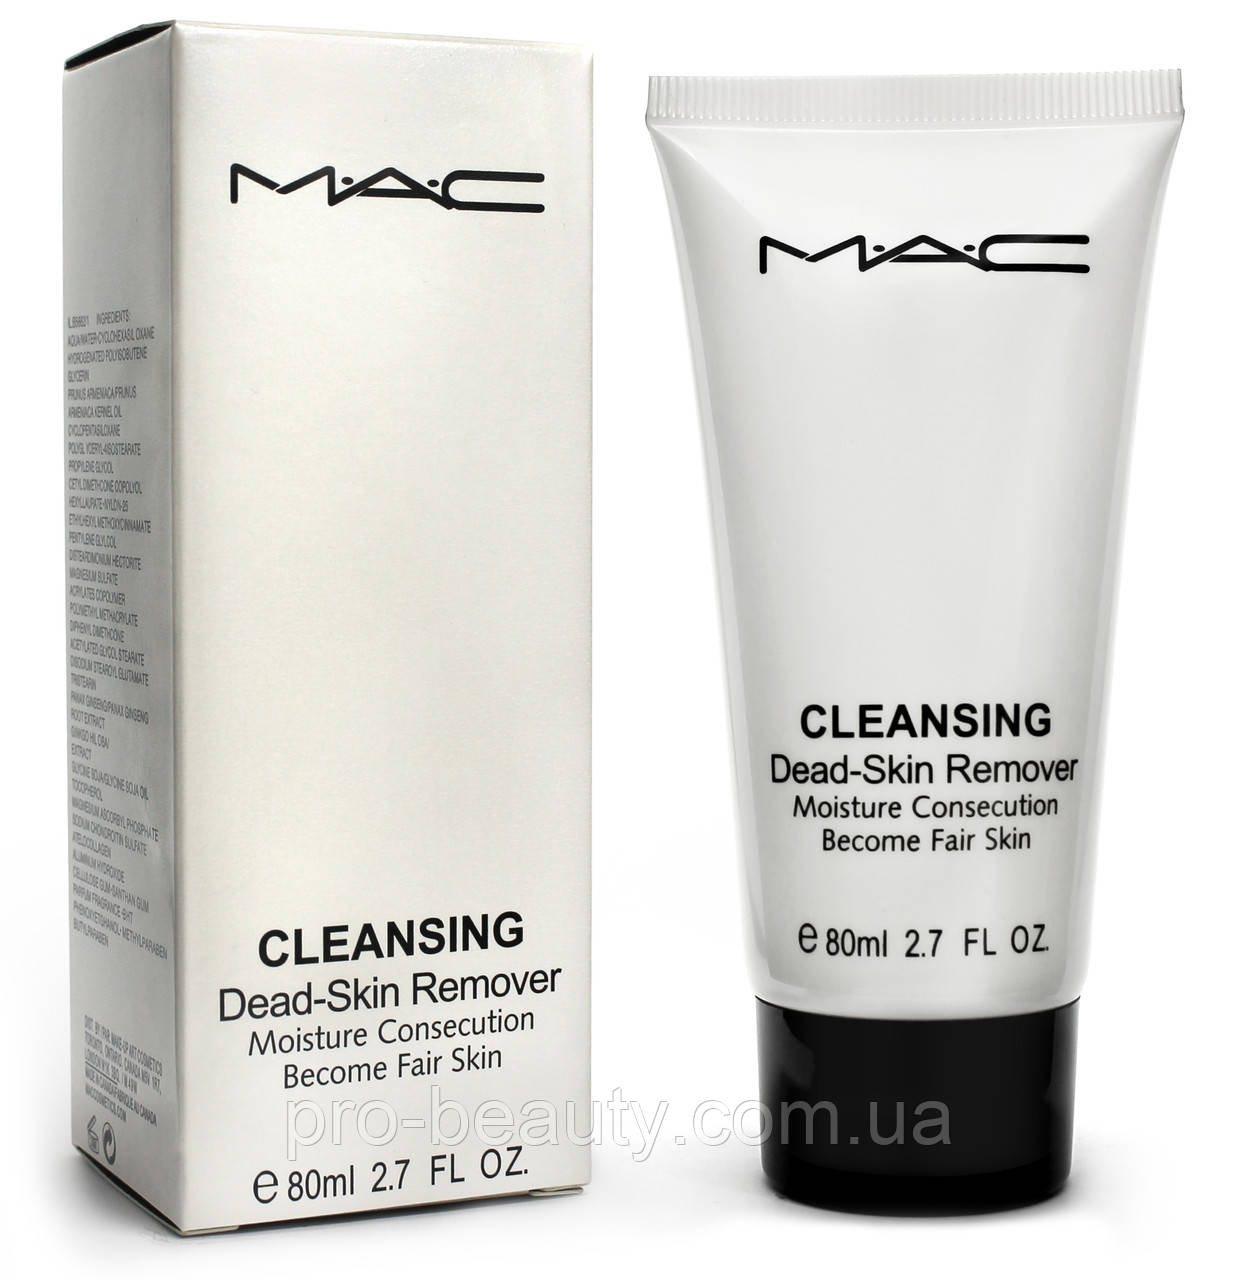 Гель-Пилинг скатка для лица MAC Cleansing DEAD-SKIN Remover(примята упаковка)